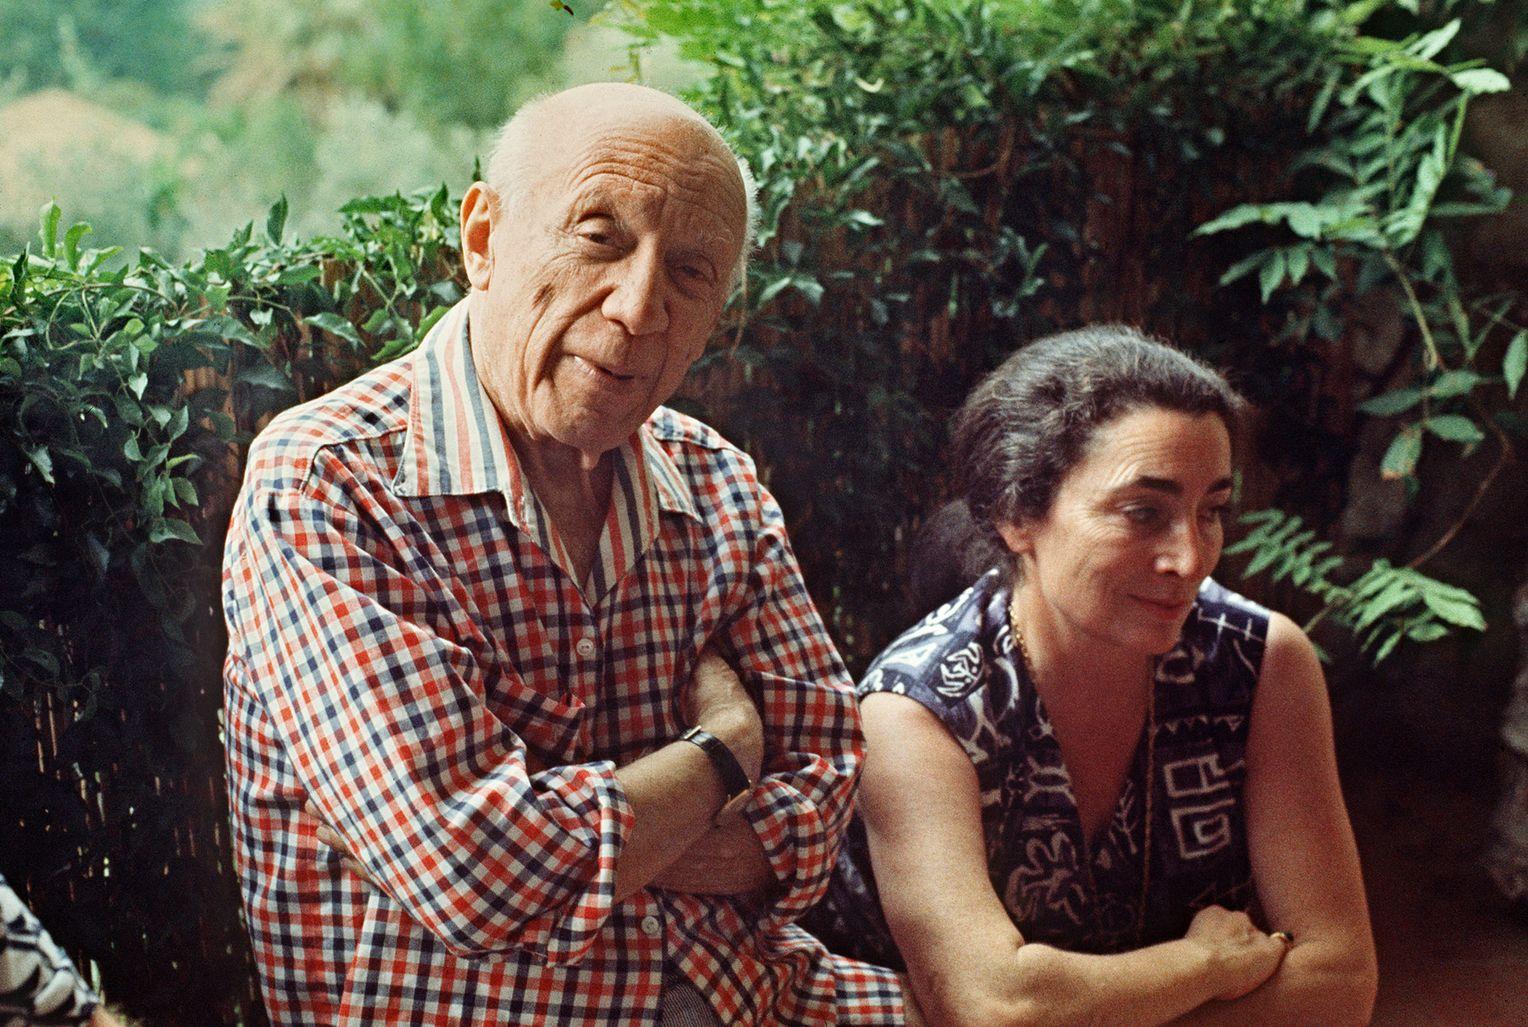 Пабло Пикассо и его вторая жена Жаклин Рок. Художник жил в этом доме до самой смерти в 1973 году. Рок покончила с собой в этом доме в 1986 году. Фото: RALPH GATTI/ AFP